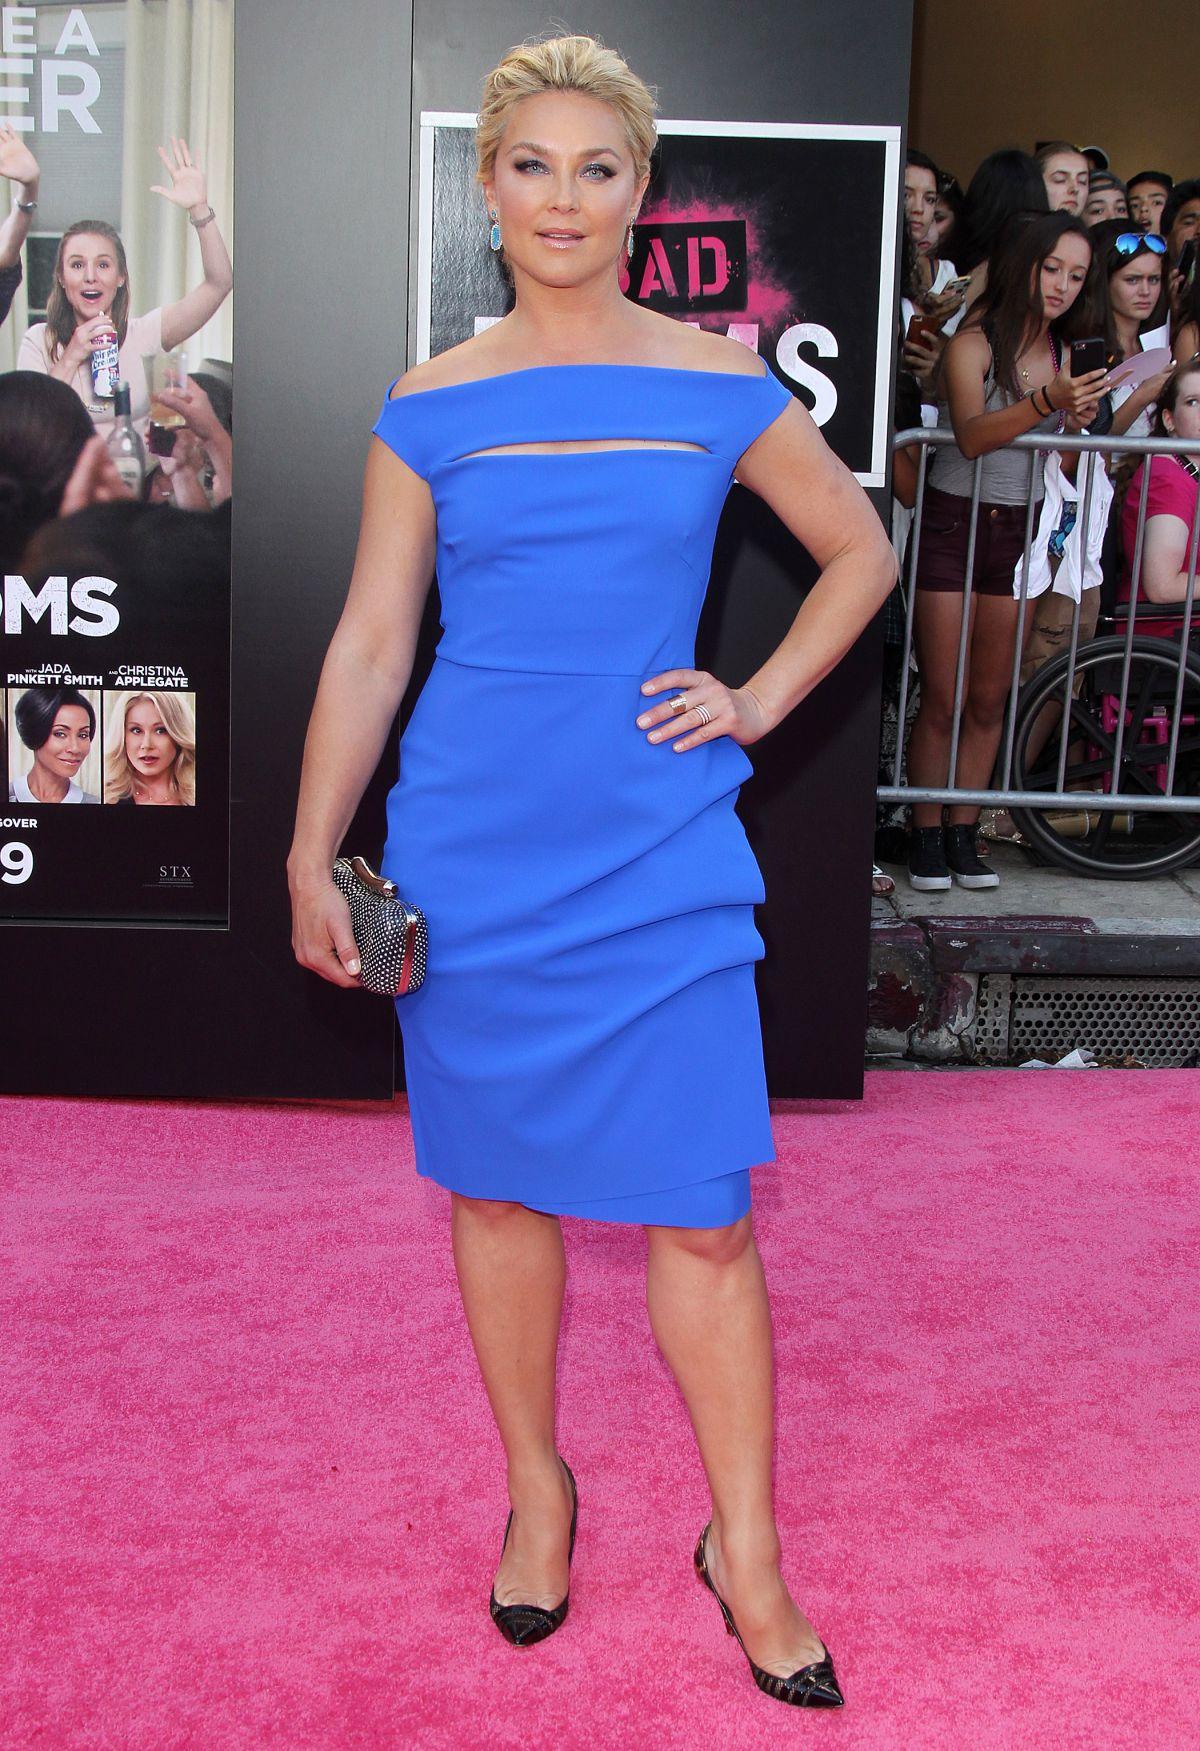 ELISABETH ROHM at 'Bad Moms' Premiere in Los Angeles 07/26/2016